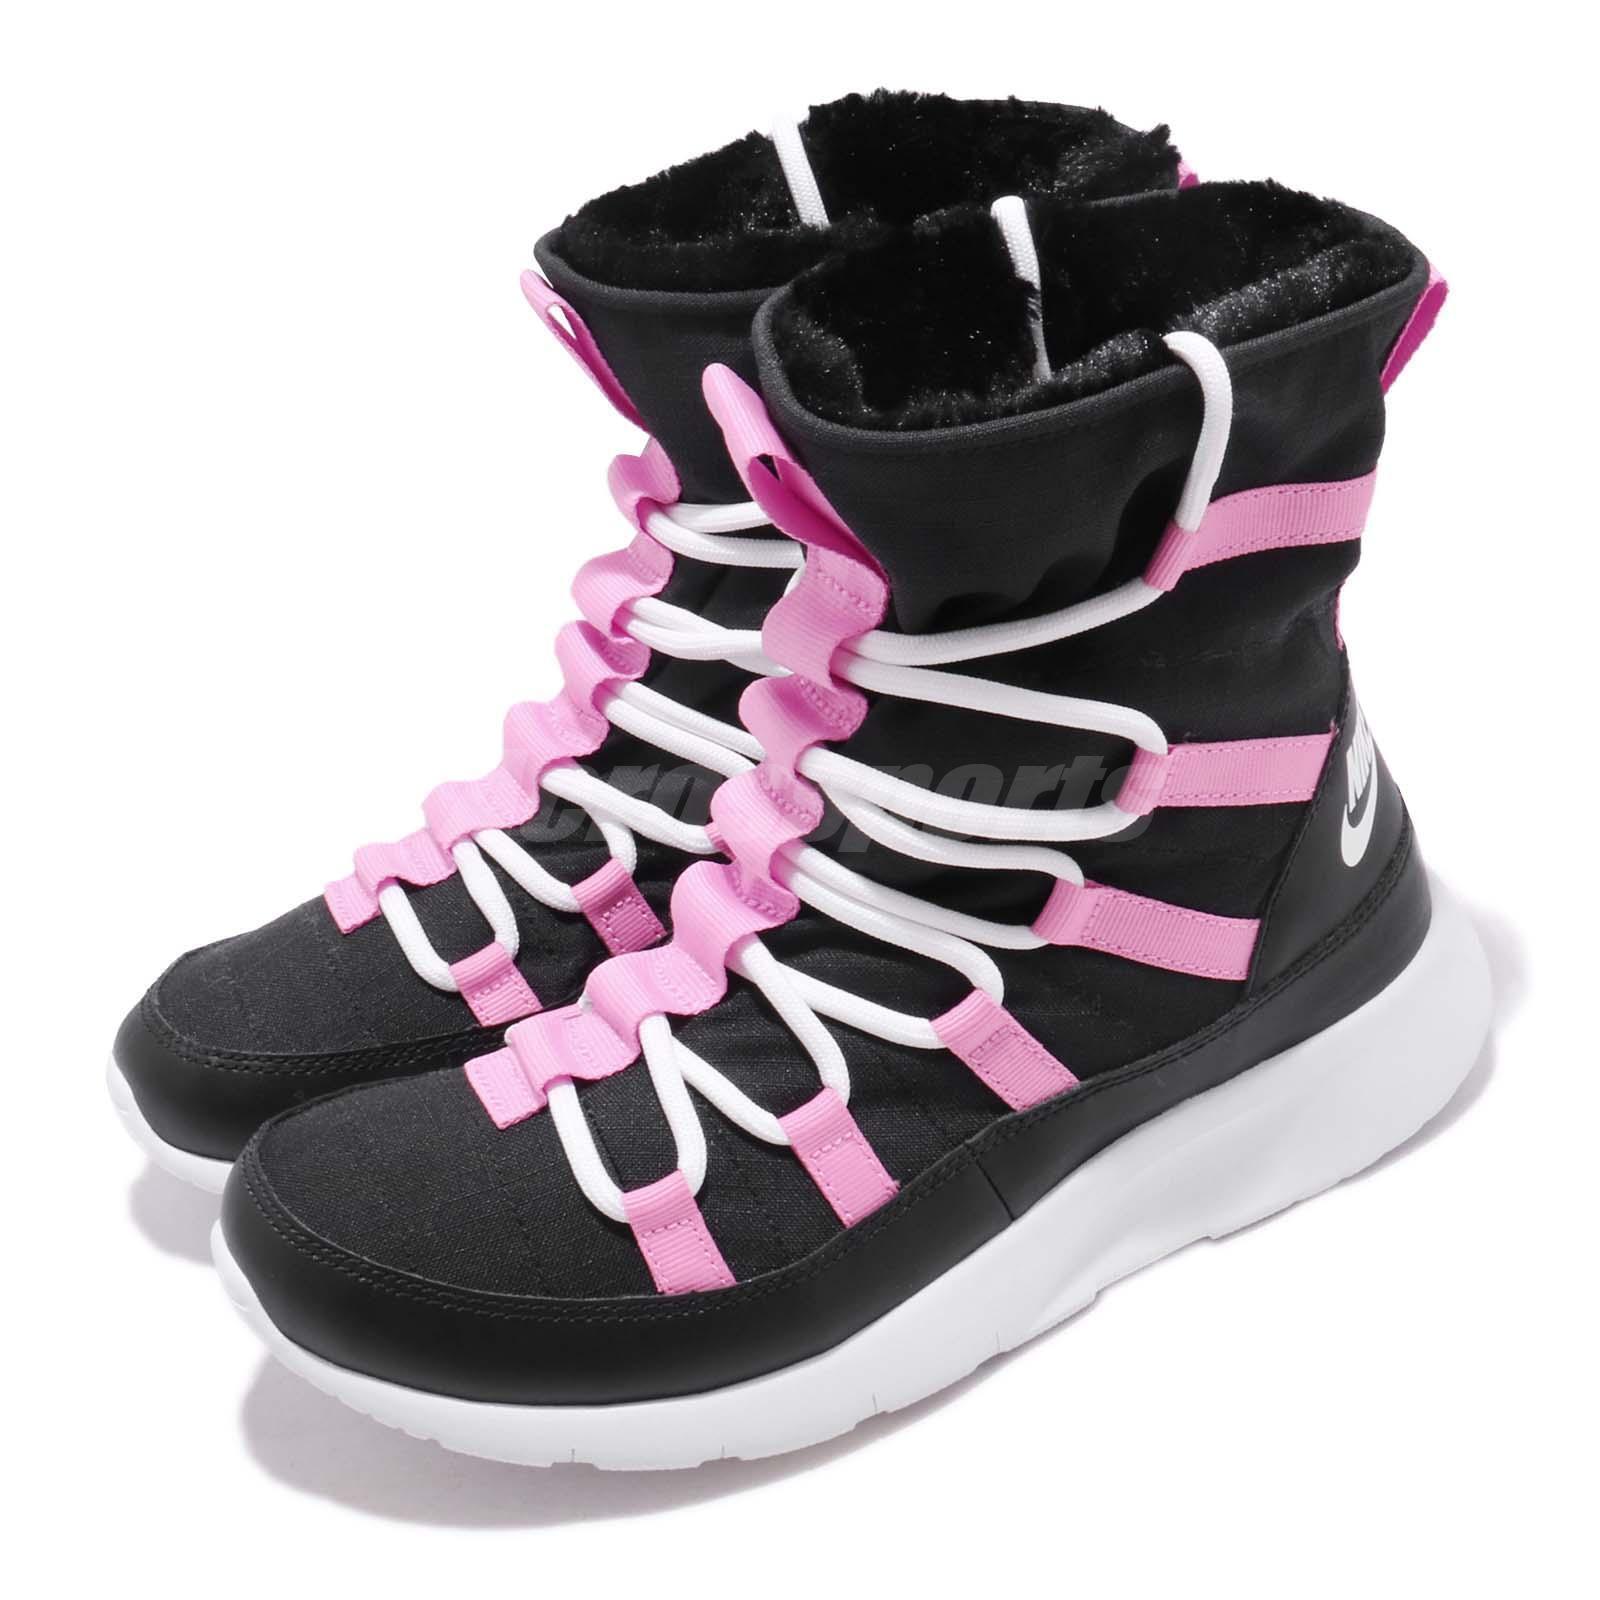 Nike Venture grade-school Negro rosado Forro Imitación Piel Zapato juvenil juvenil juvenil para Niño botas Mujer AQ9493-002  el más barato